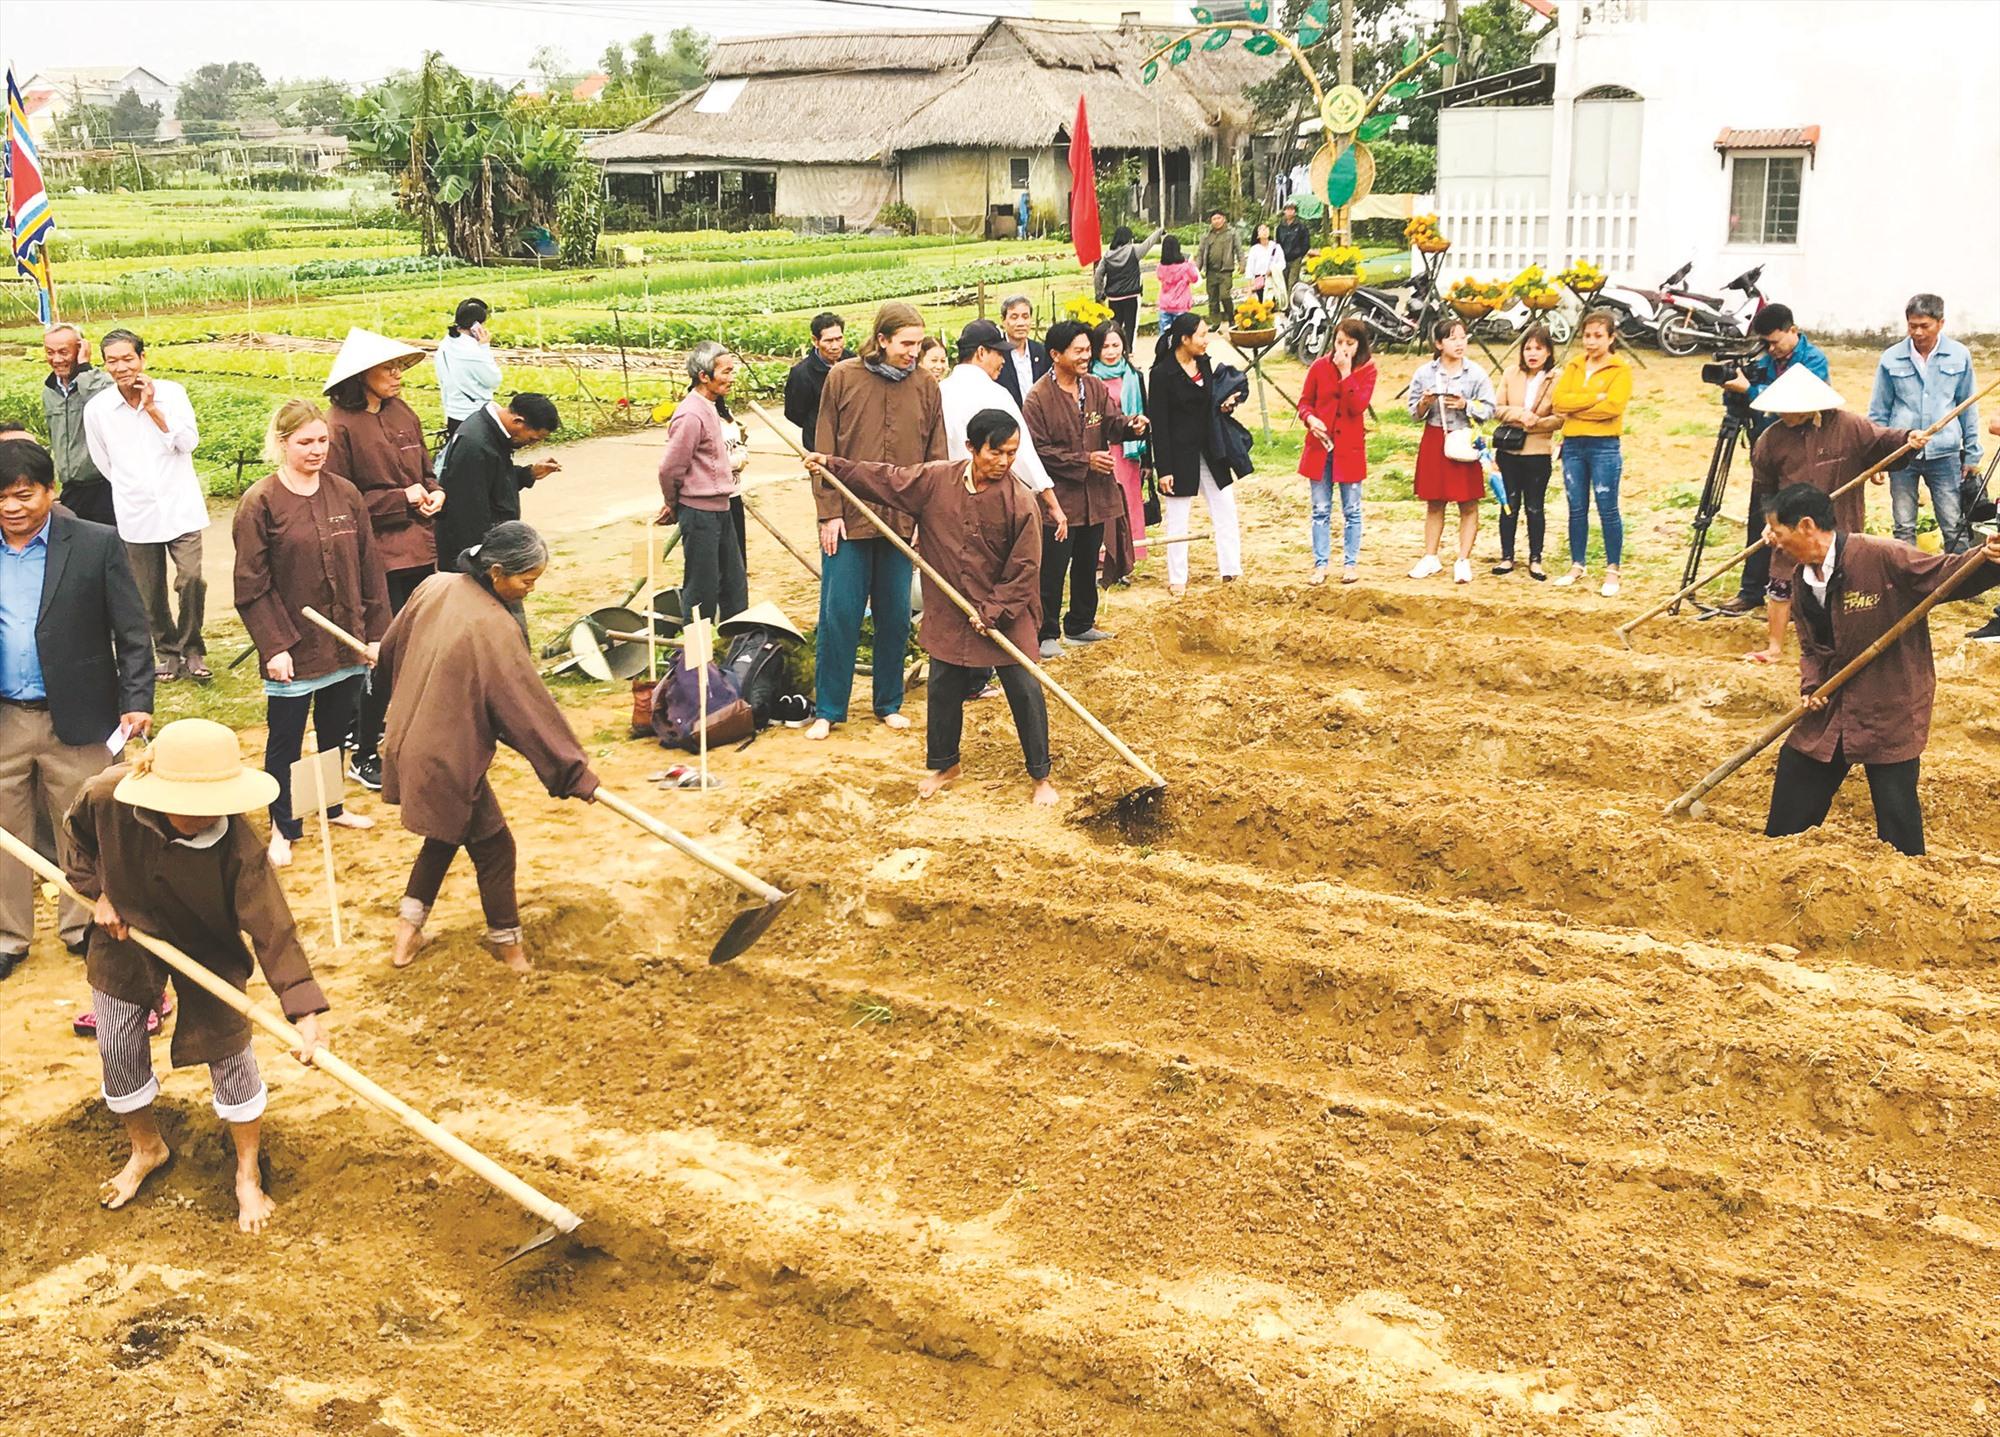 Du khách trải nghiệm làm nông nghiệp tại Hội An. Ảnh: QUỐC TUẤN